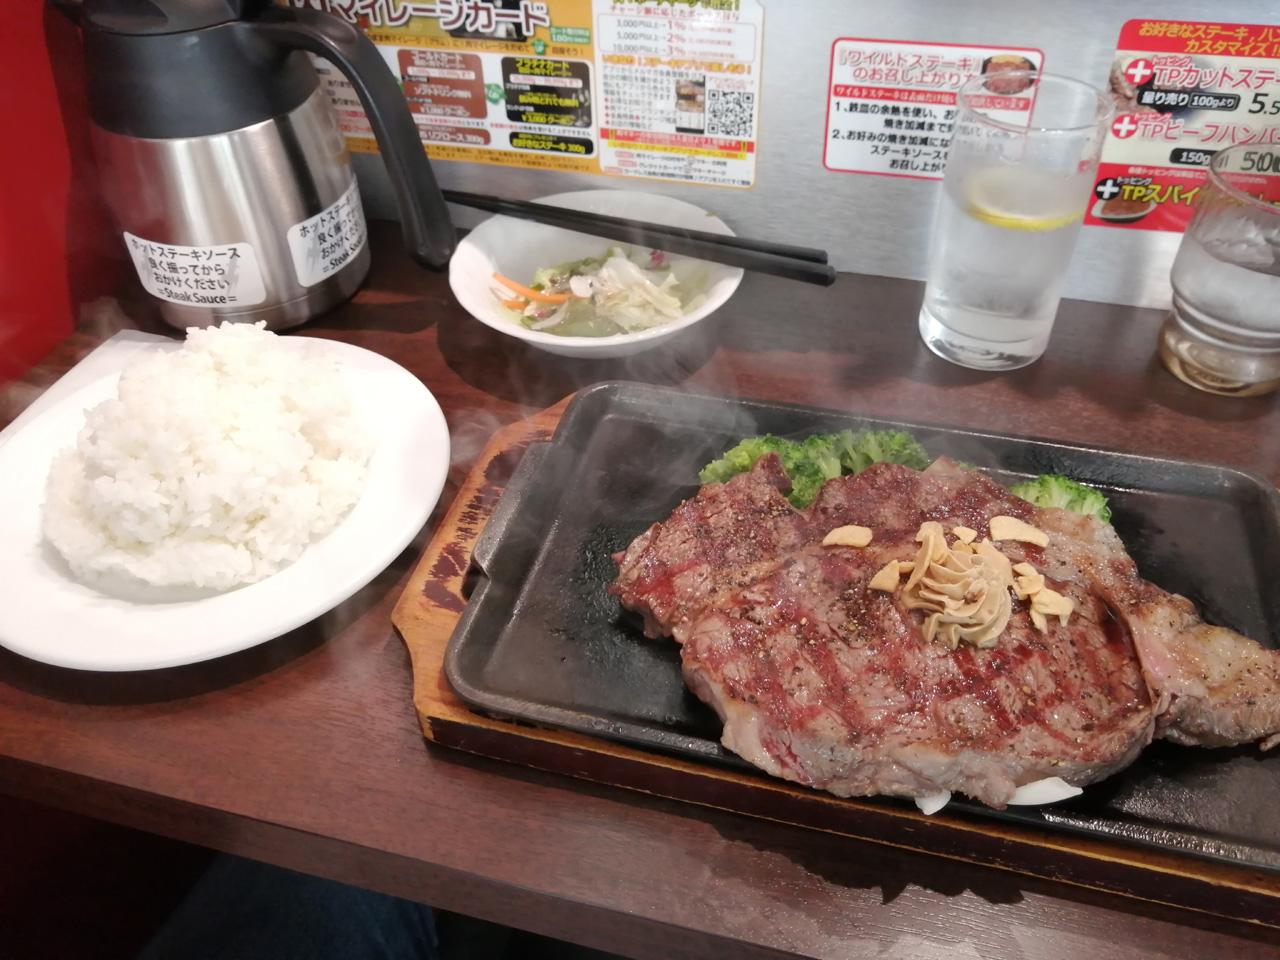 リブロース300gの肉